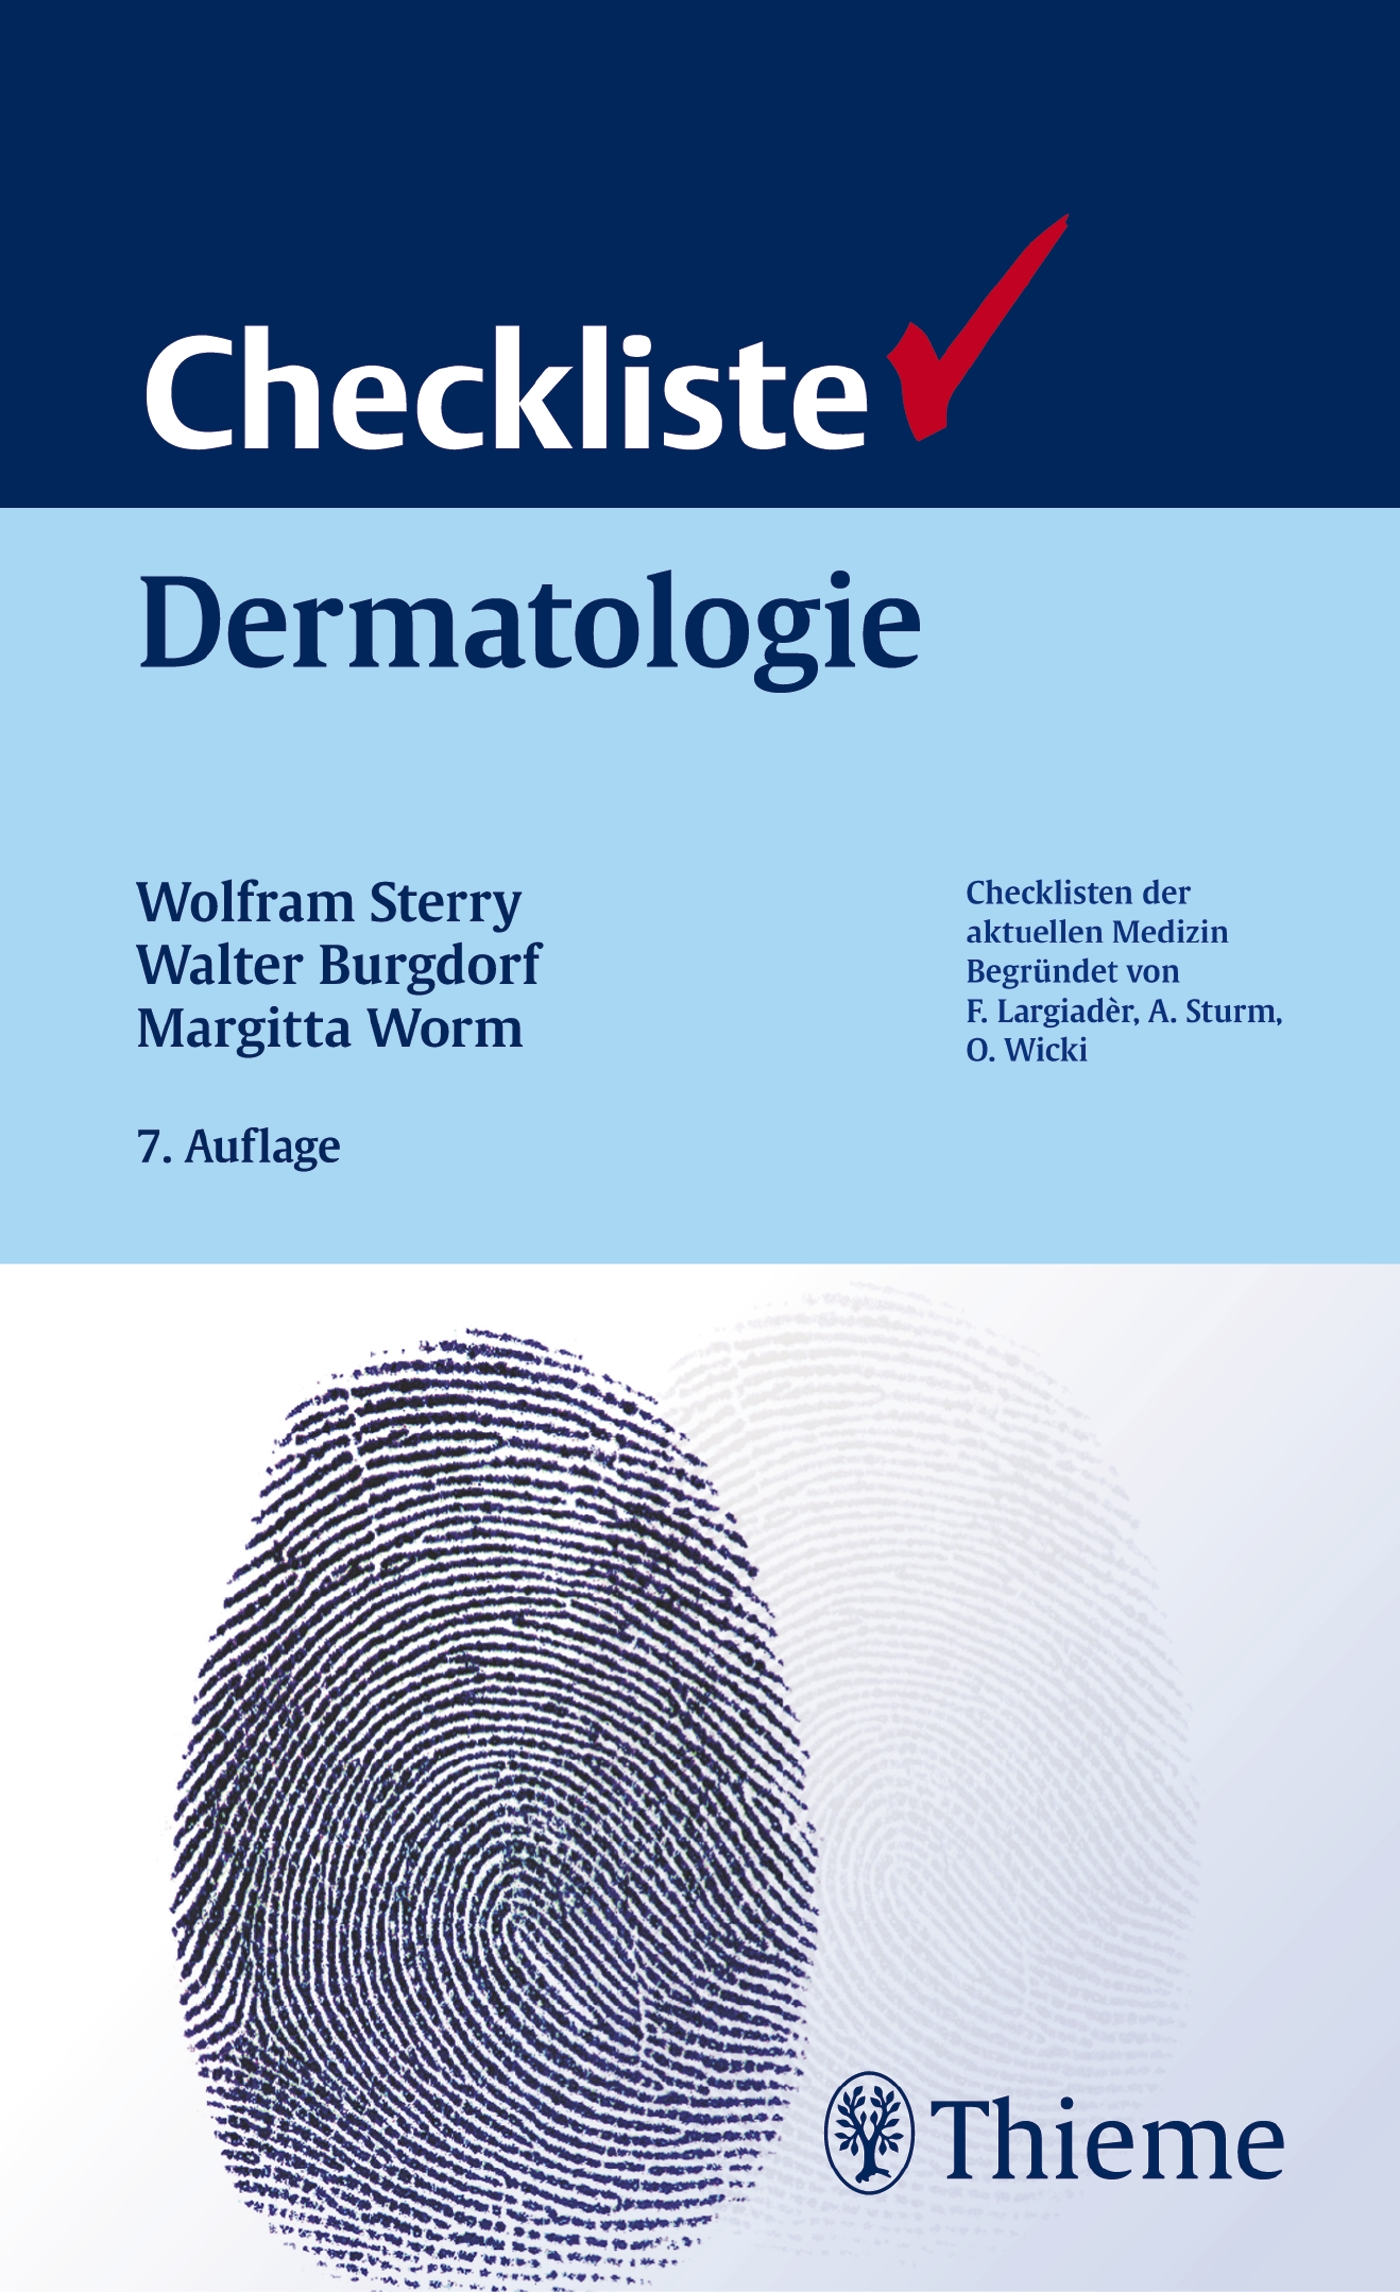 Checkliste Dermatologie